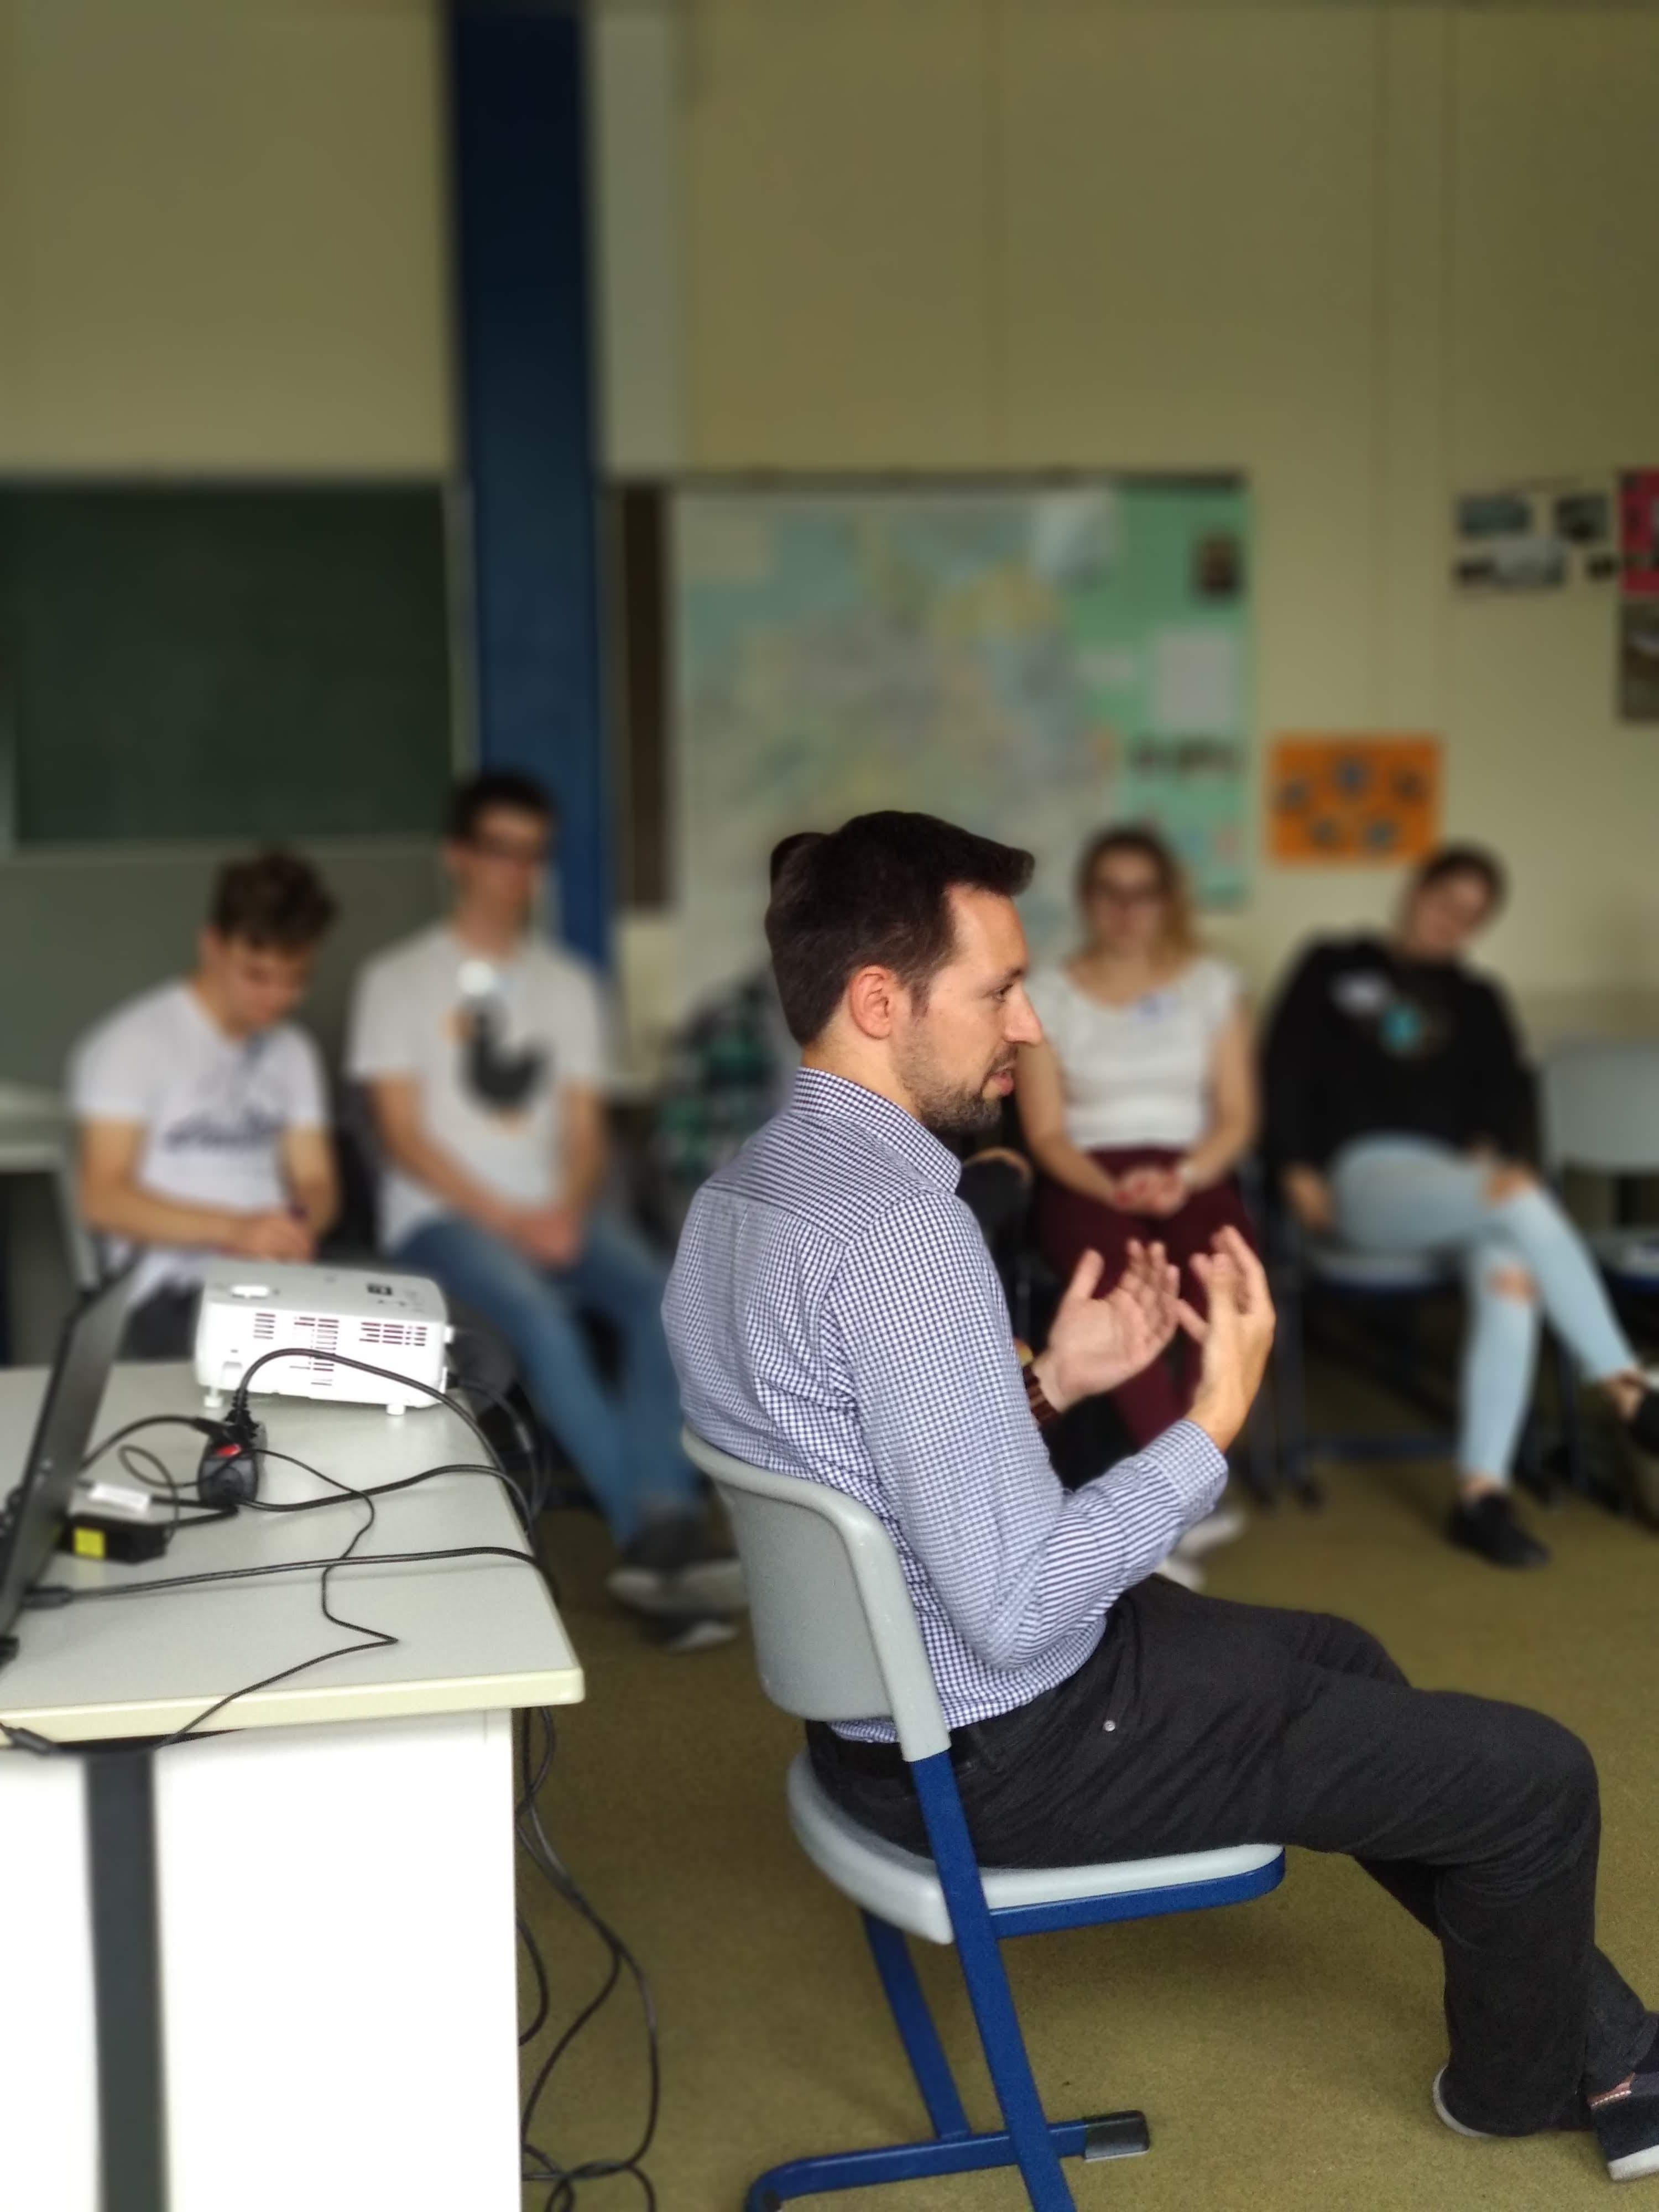 Martin Mödder stand den Teilnehmer_innen auch bei unbequemen Fragen, ehrlich Rede und Antwort. EU Zukunftswerkstatt für Jugendliche in Werne, 09.07.2019.